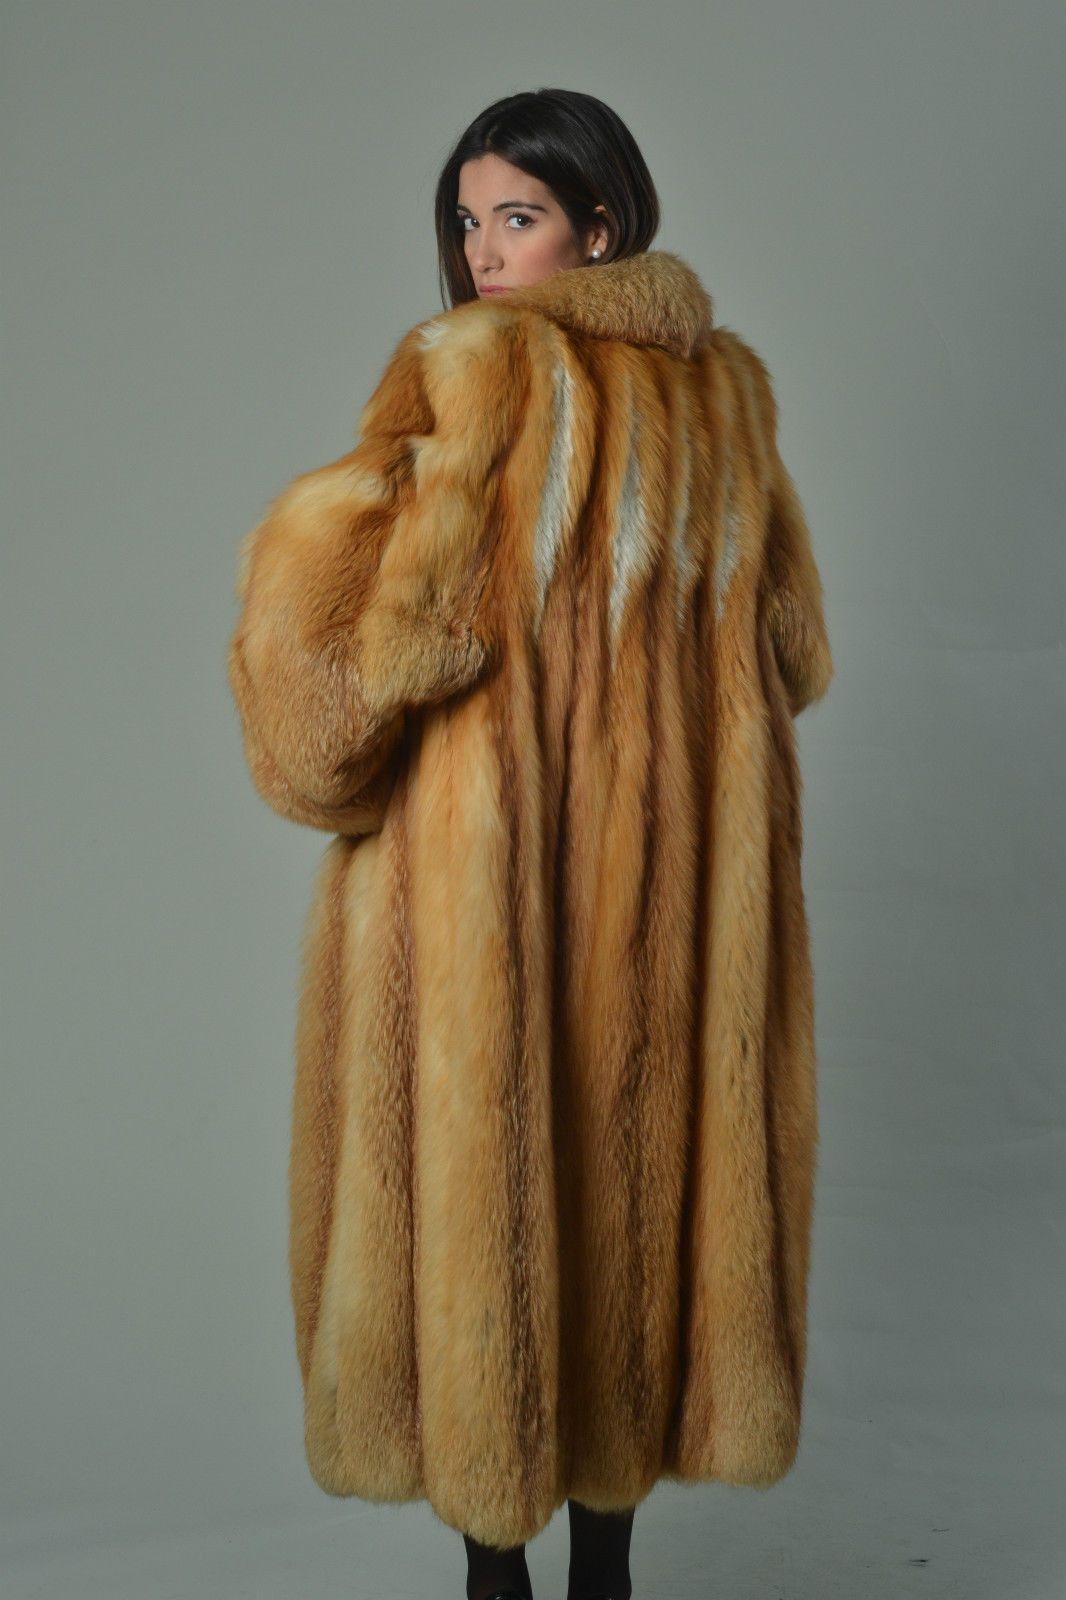 Red Fox Fur Coat Coats Pinterest Red Fox Fox Fur And Fur Coat